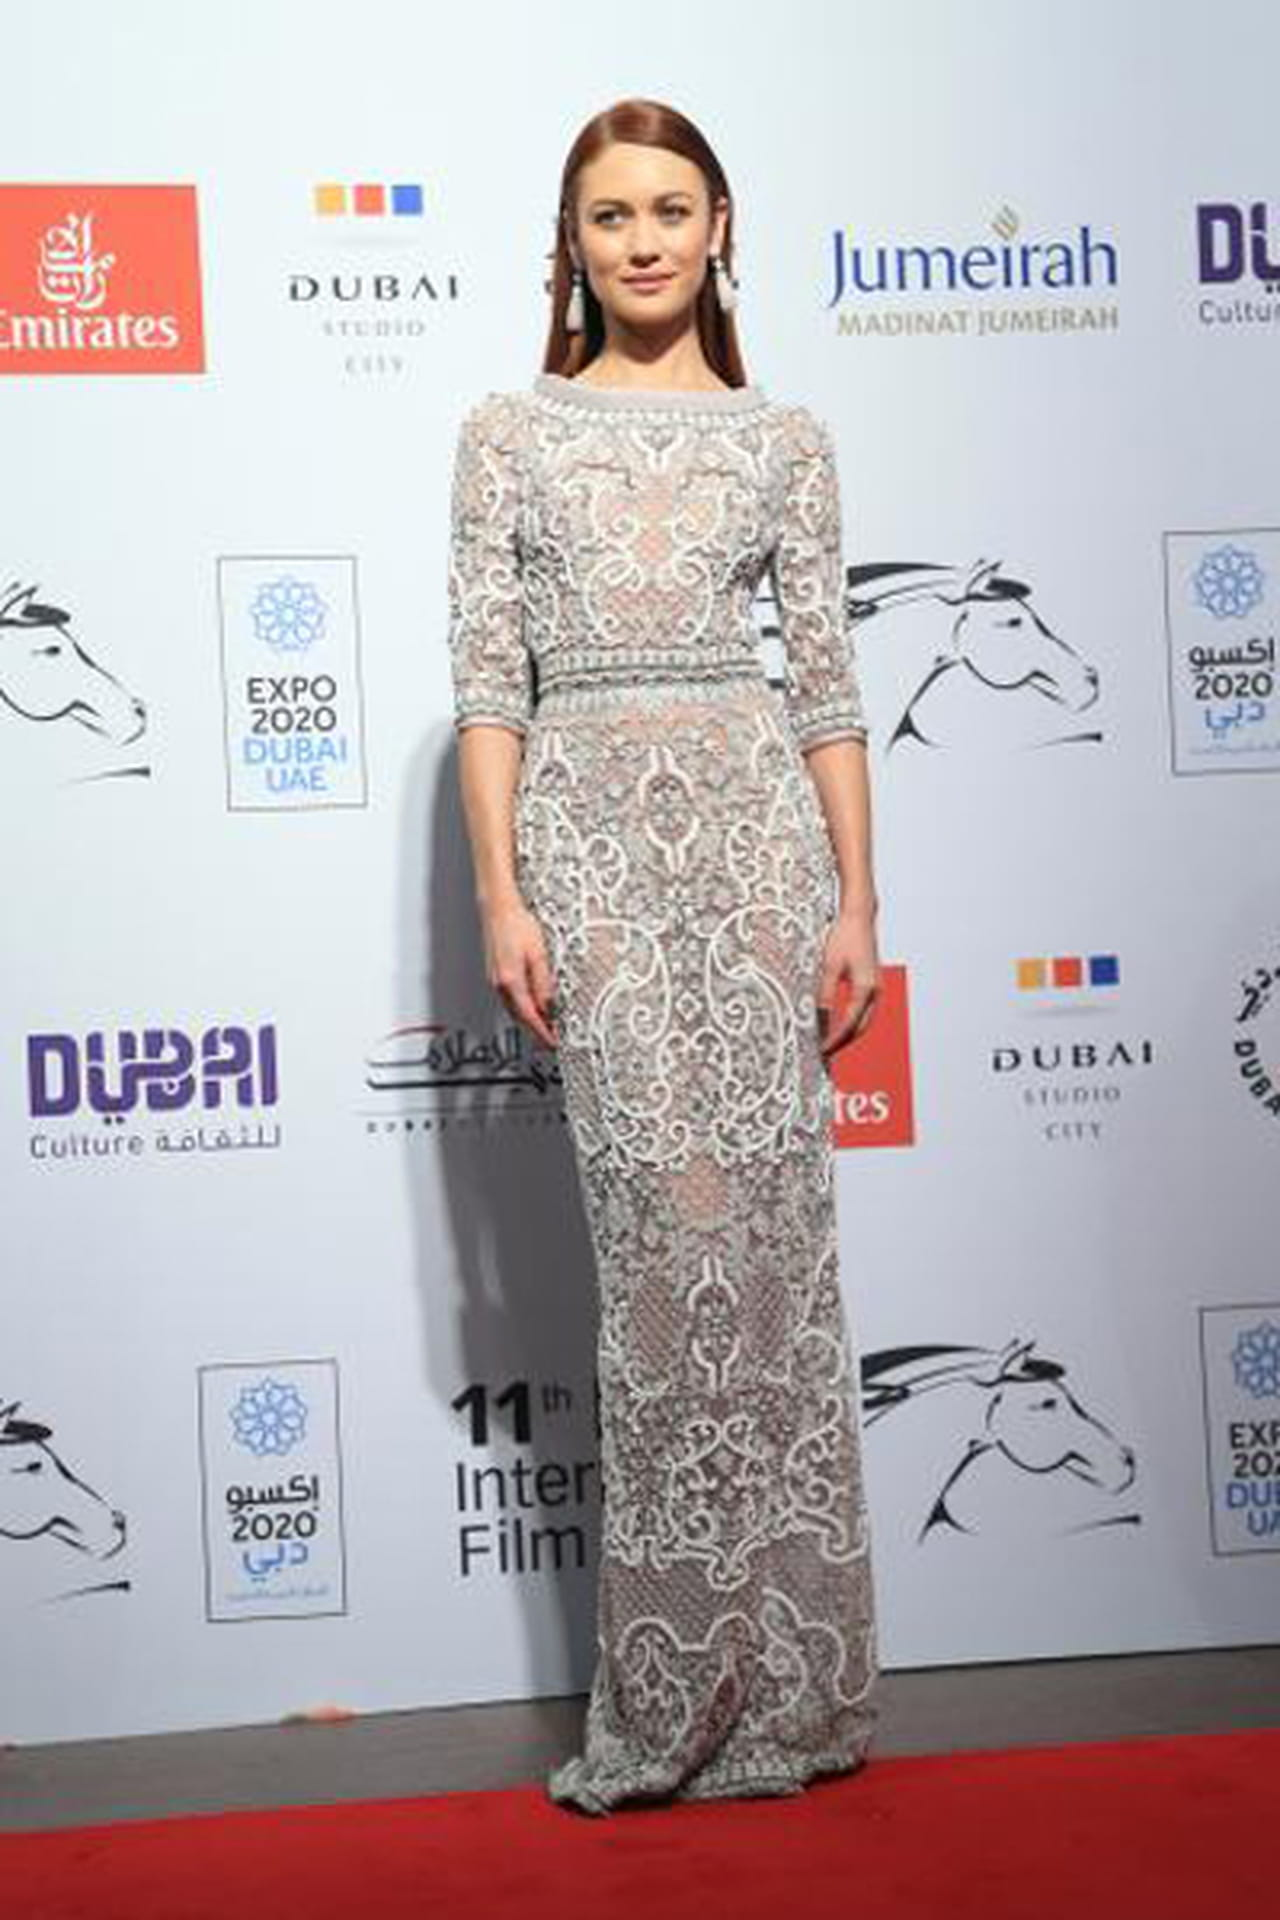 1d04d078b8302 من بين الاطلالات المميزة التي تألقت بها النجمات على السجادة الحمراء في حفل  افتتاح مهرجان دبي السينمائي الدولي في دورته الحادية عشر، أخترنا لكِ 13  فستان ...